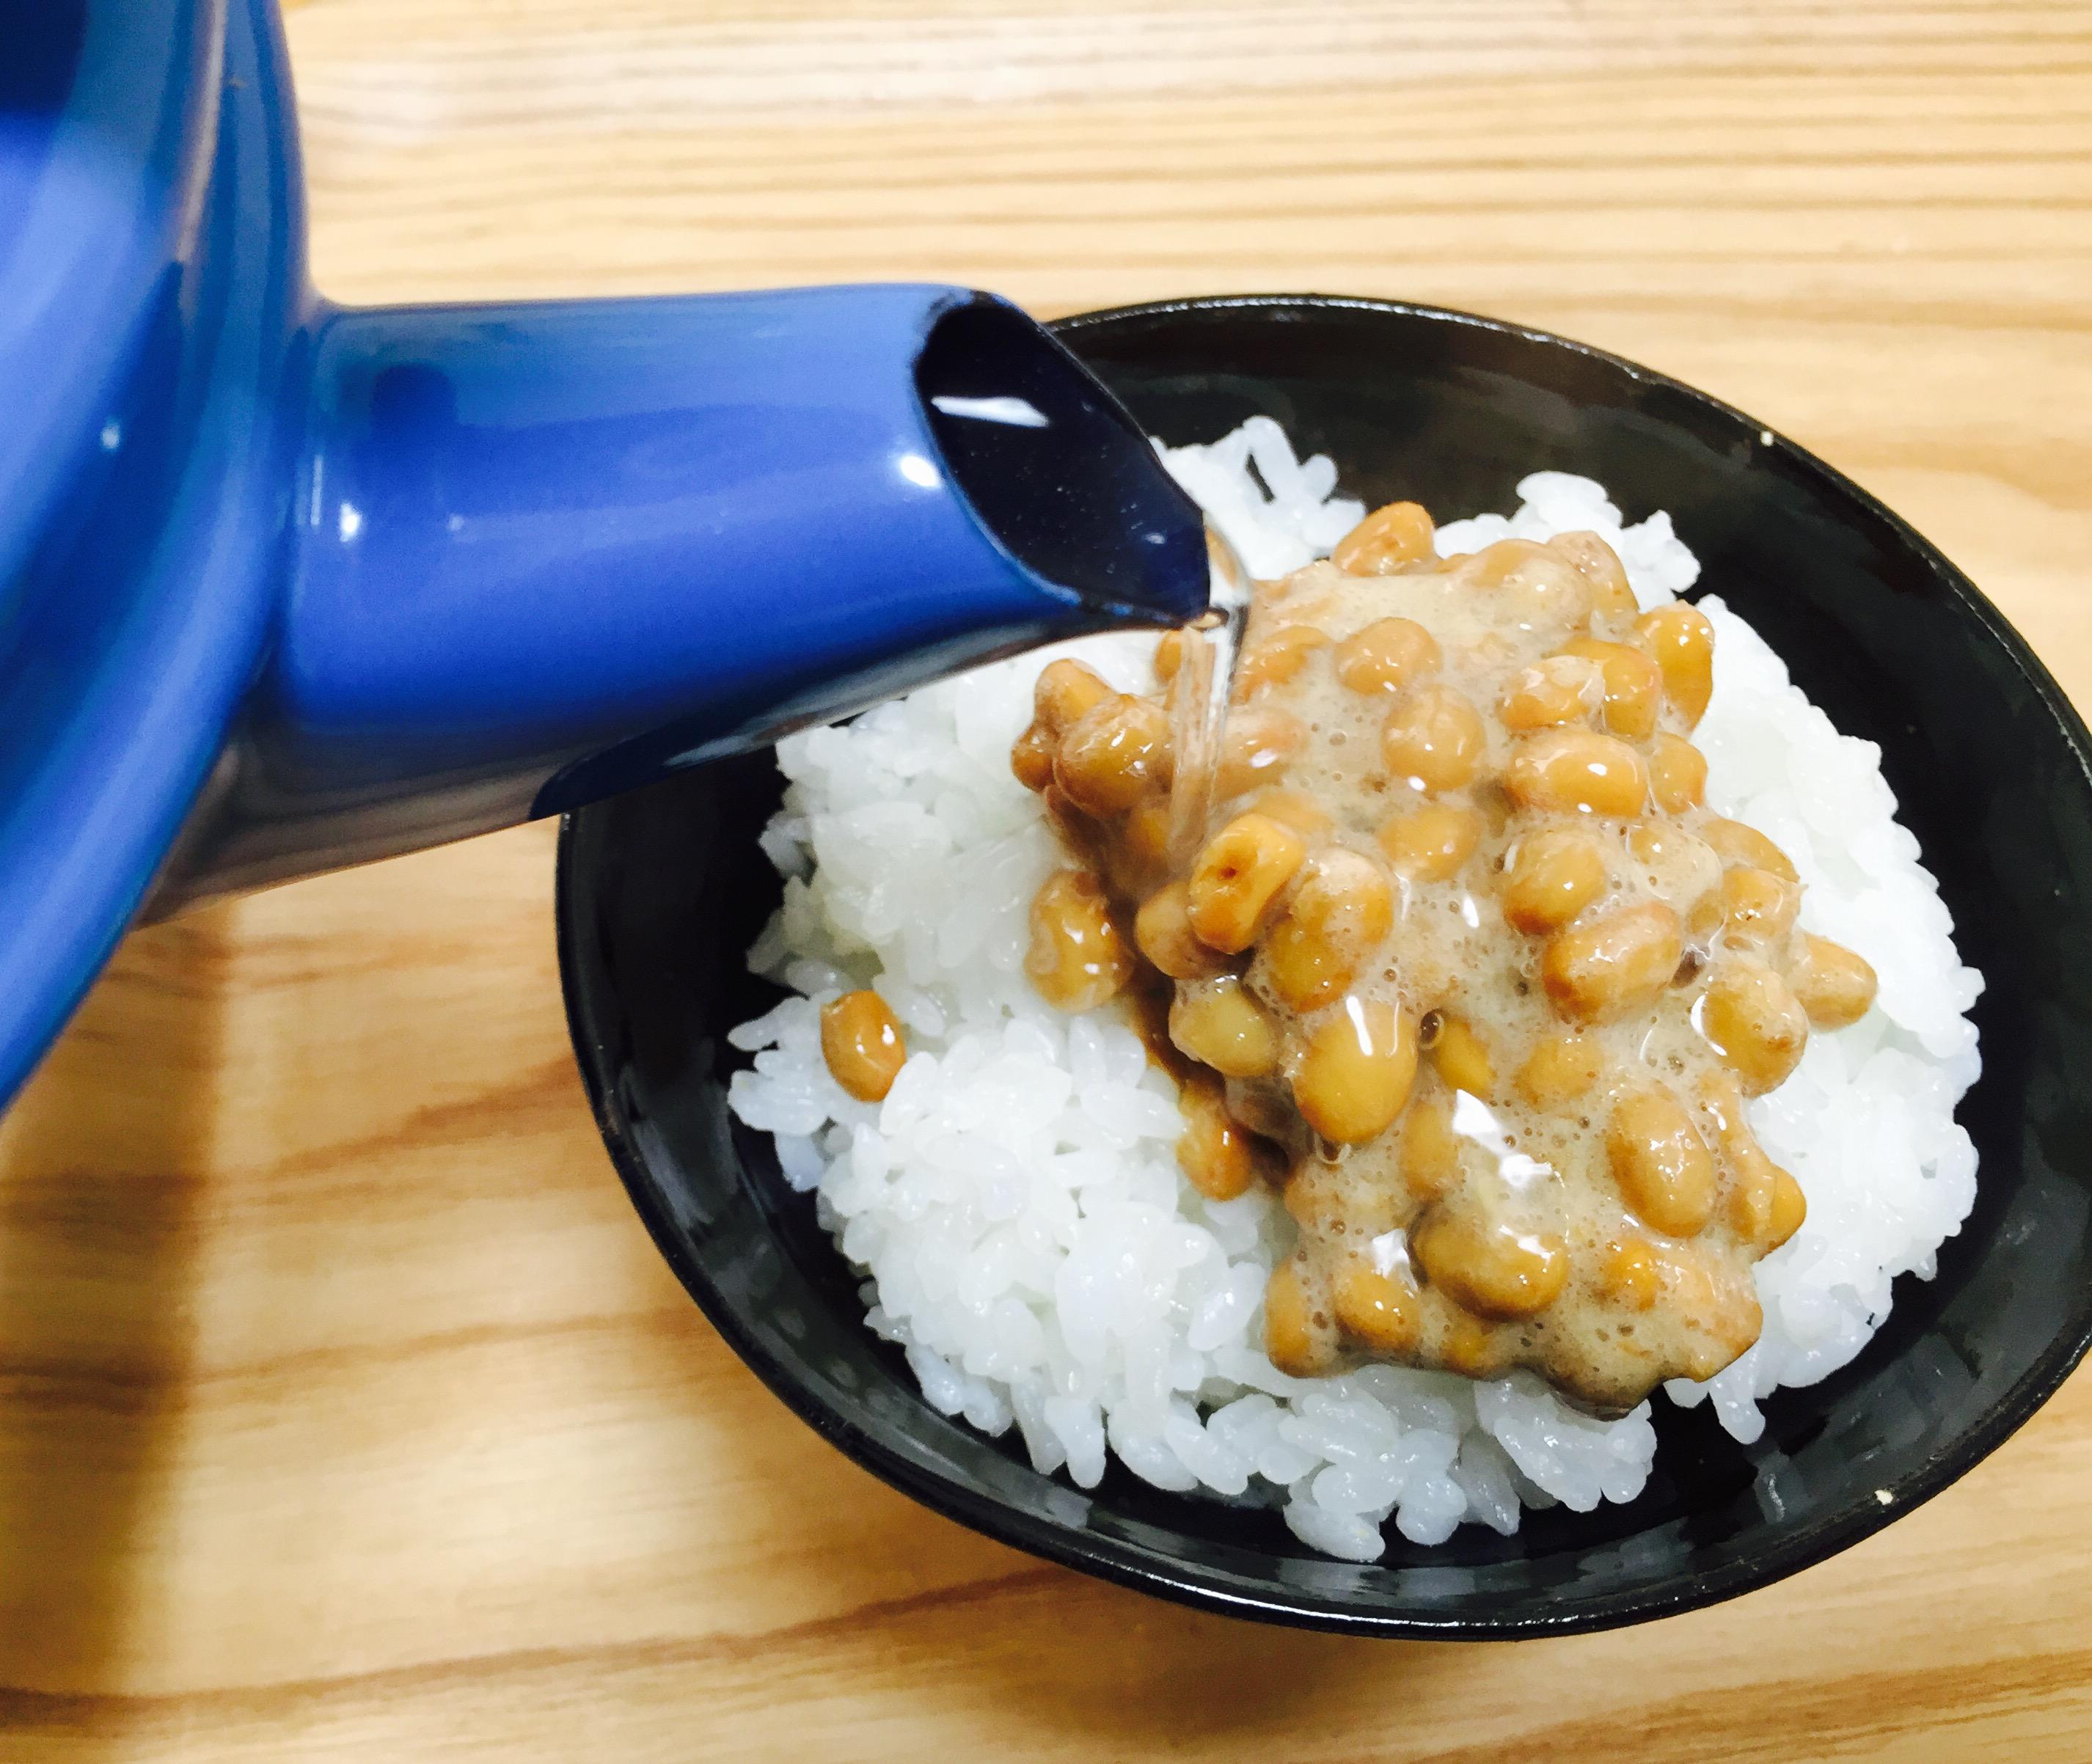 納豆をご飯に乗せお湯をかける